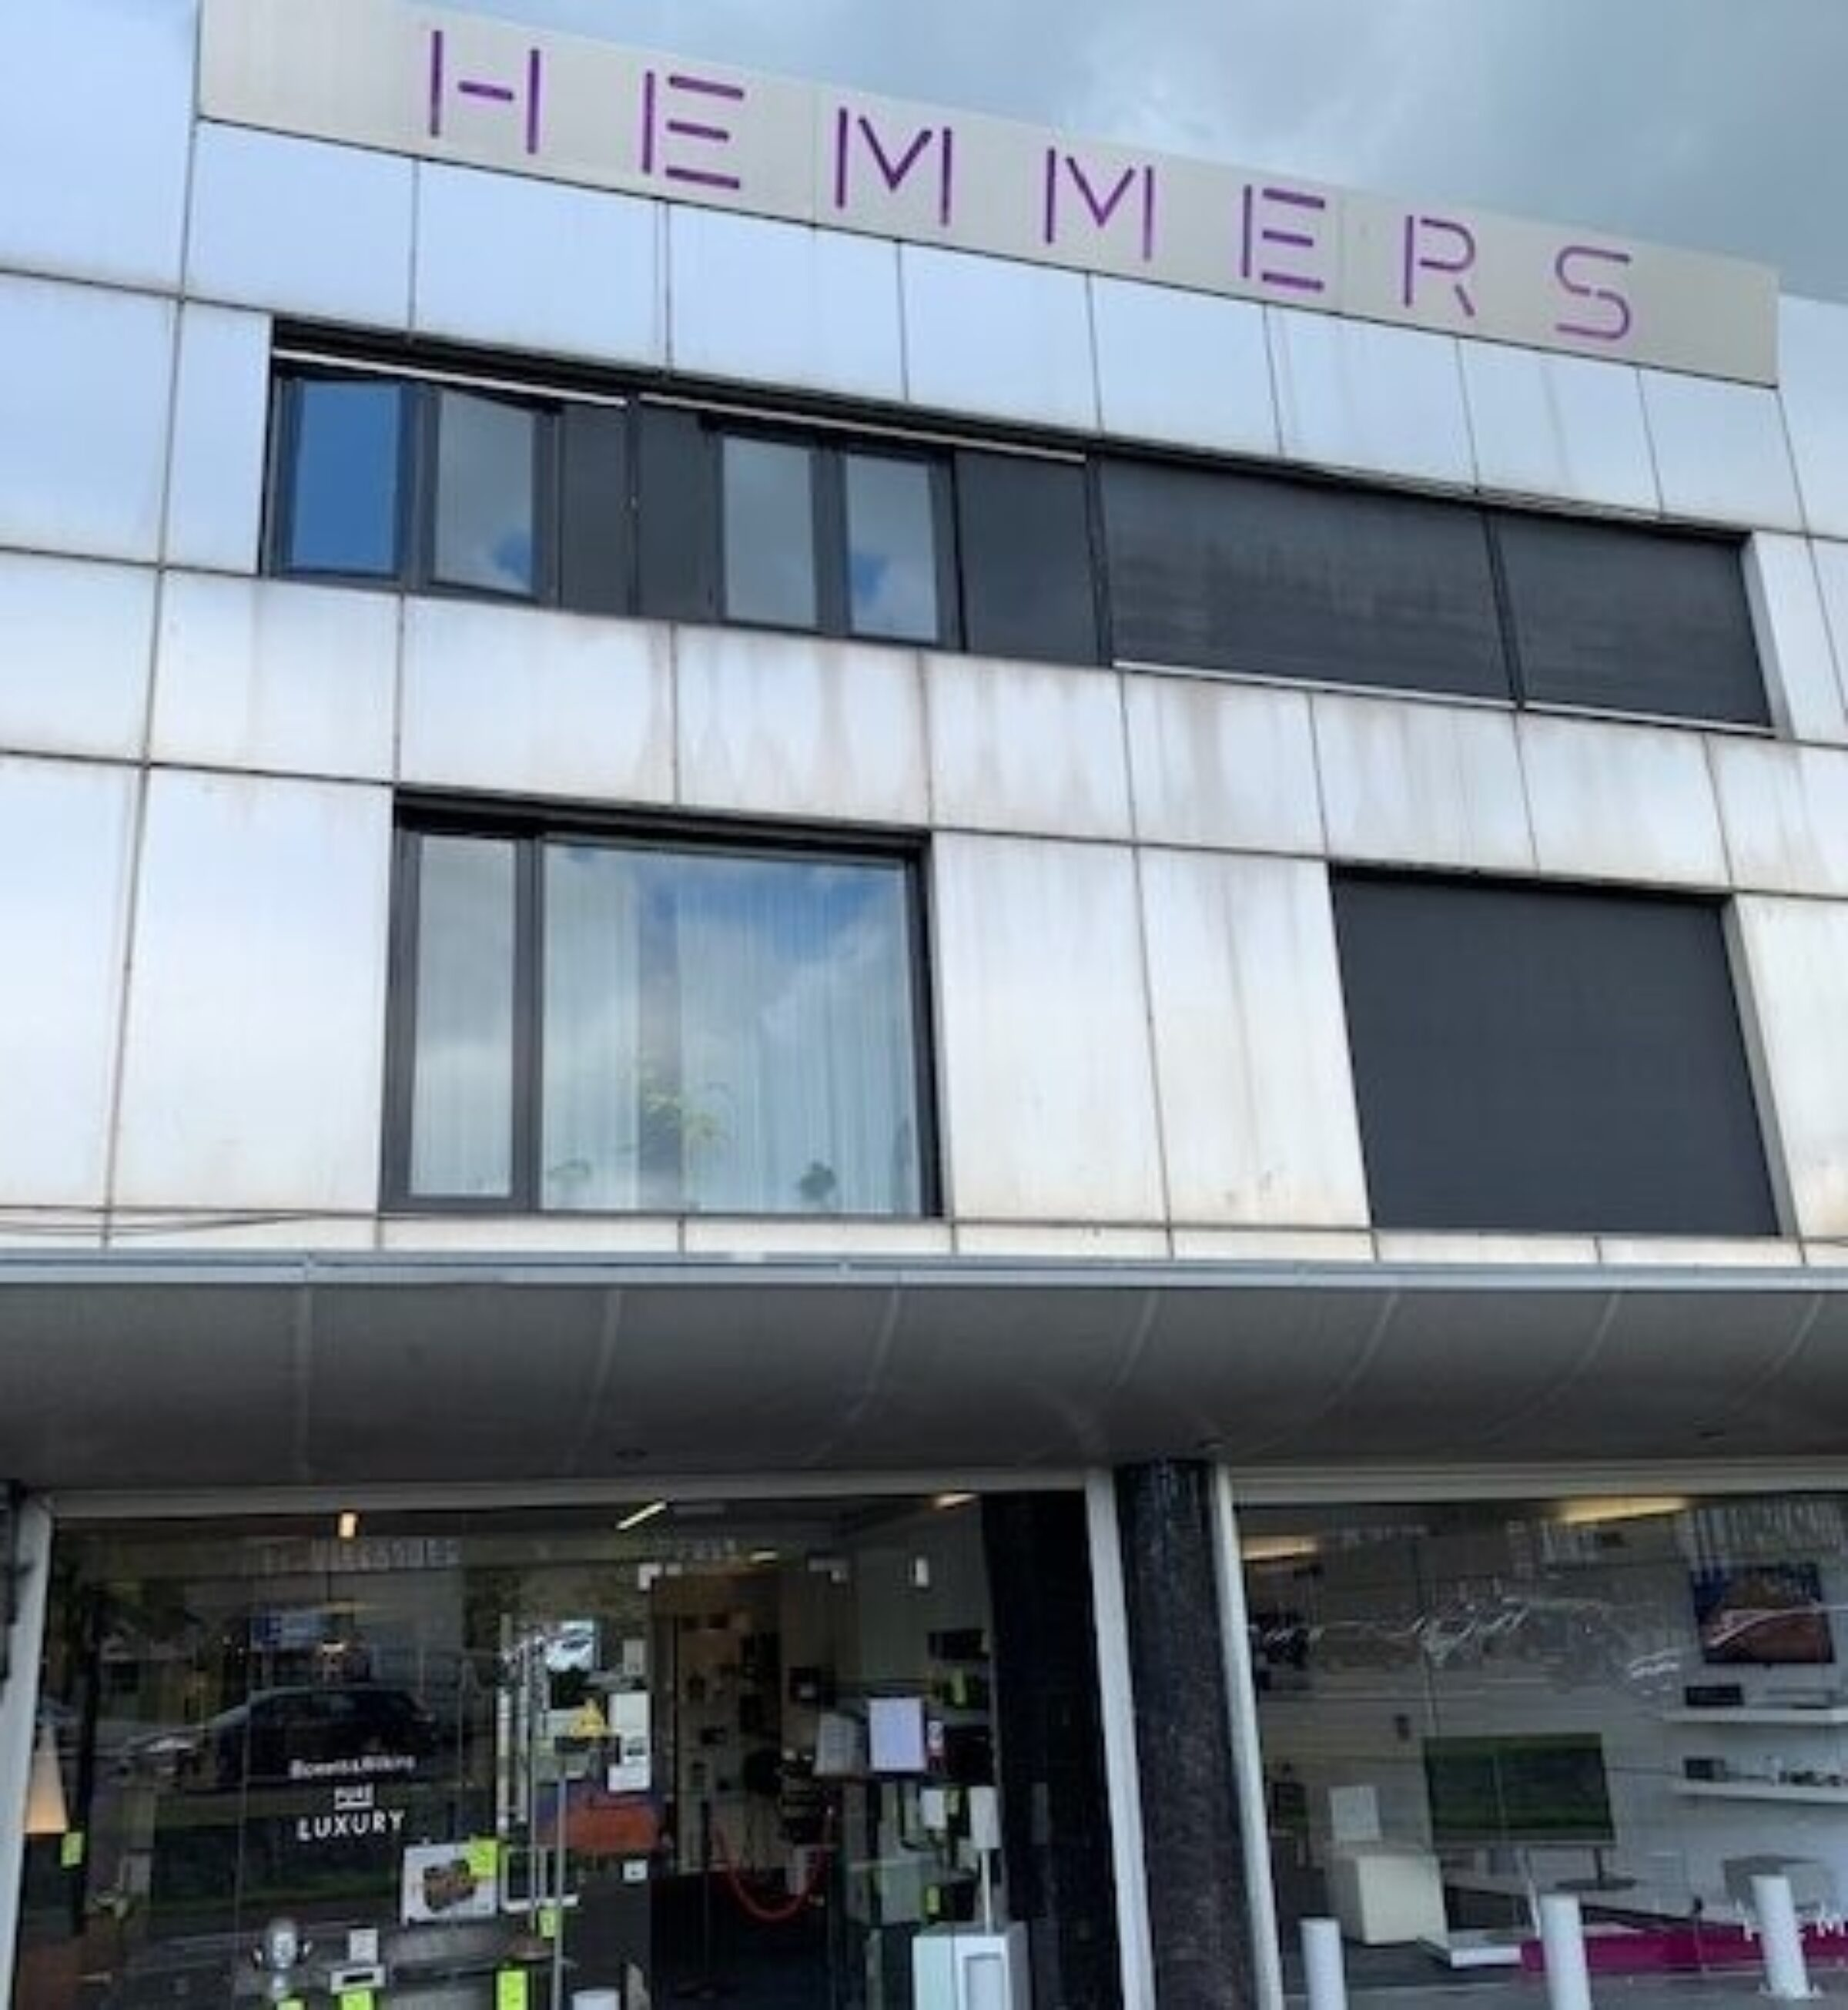 Hemmers